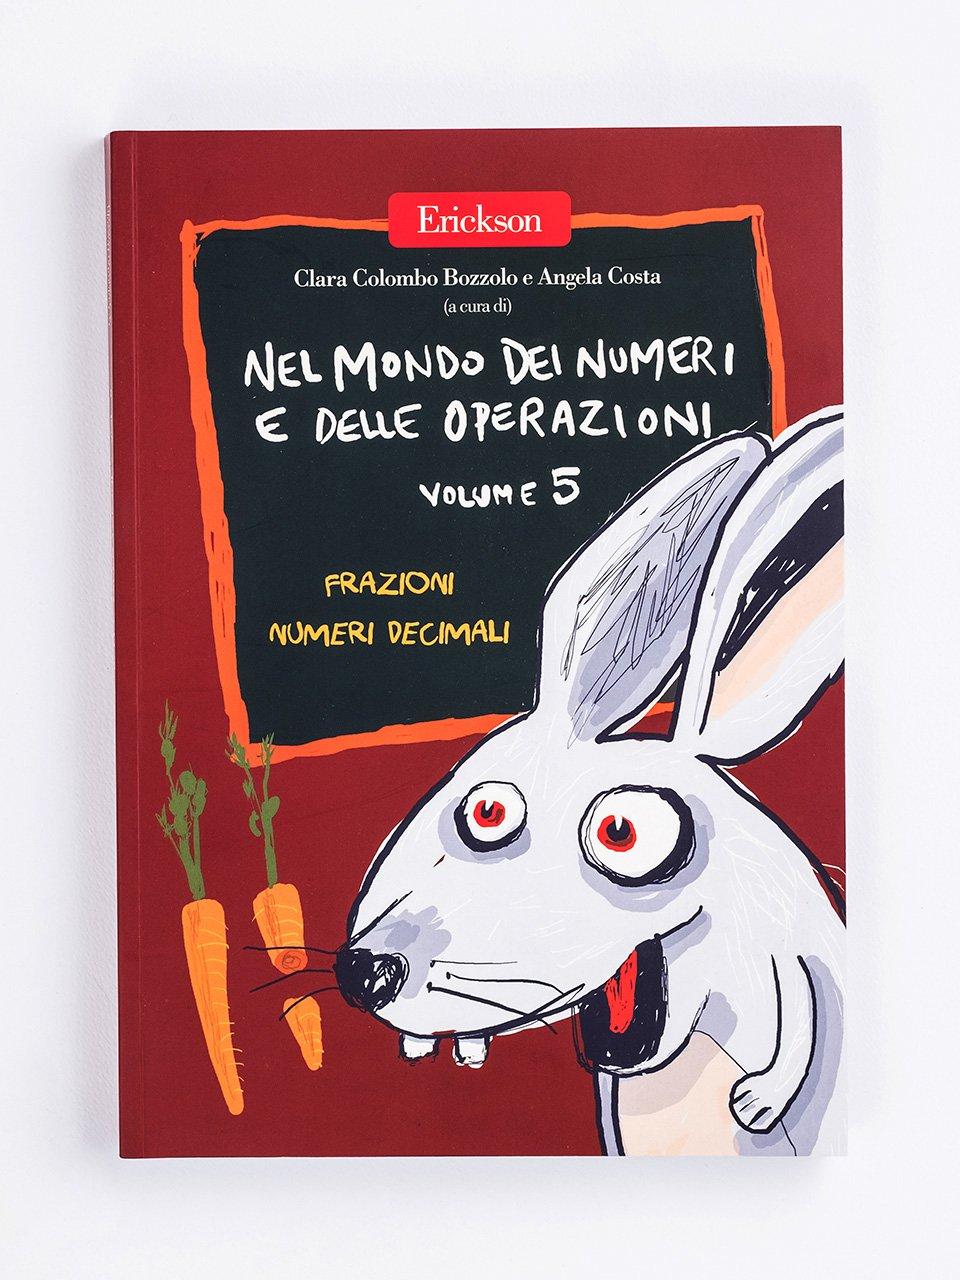 Nel mondo dei numeri e delle operazioni - Volume 5 - MatematicaImparo 10 - Libri - Erickson